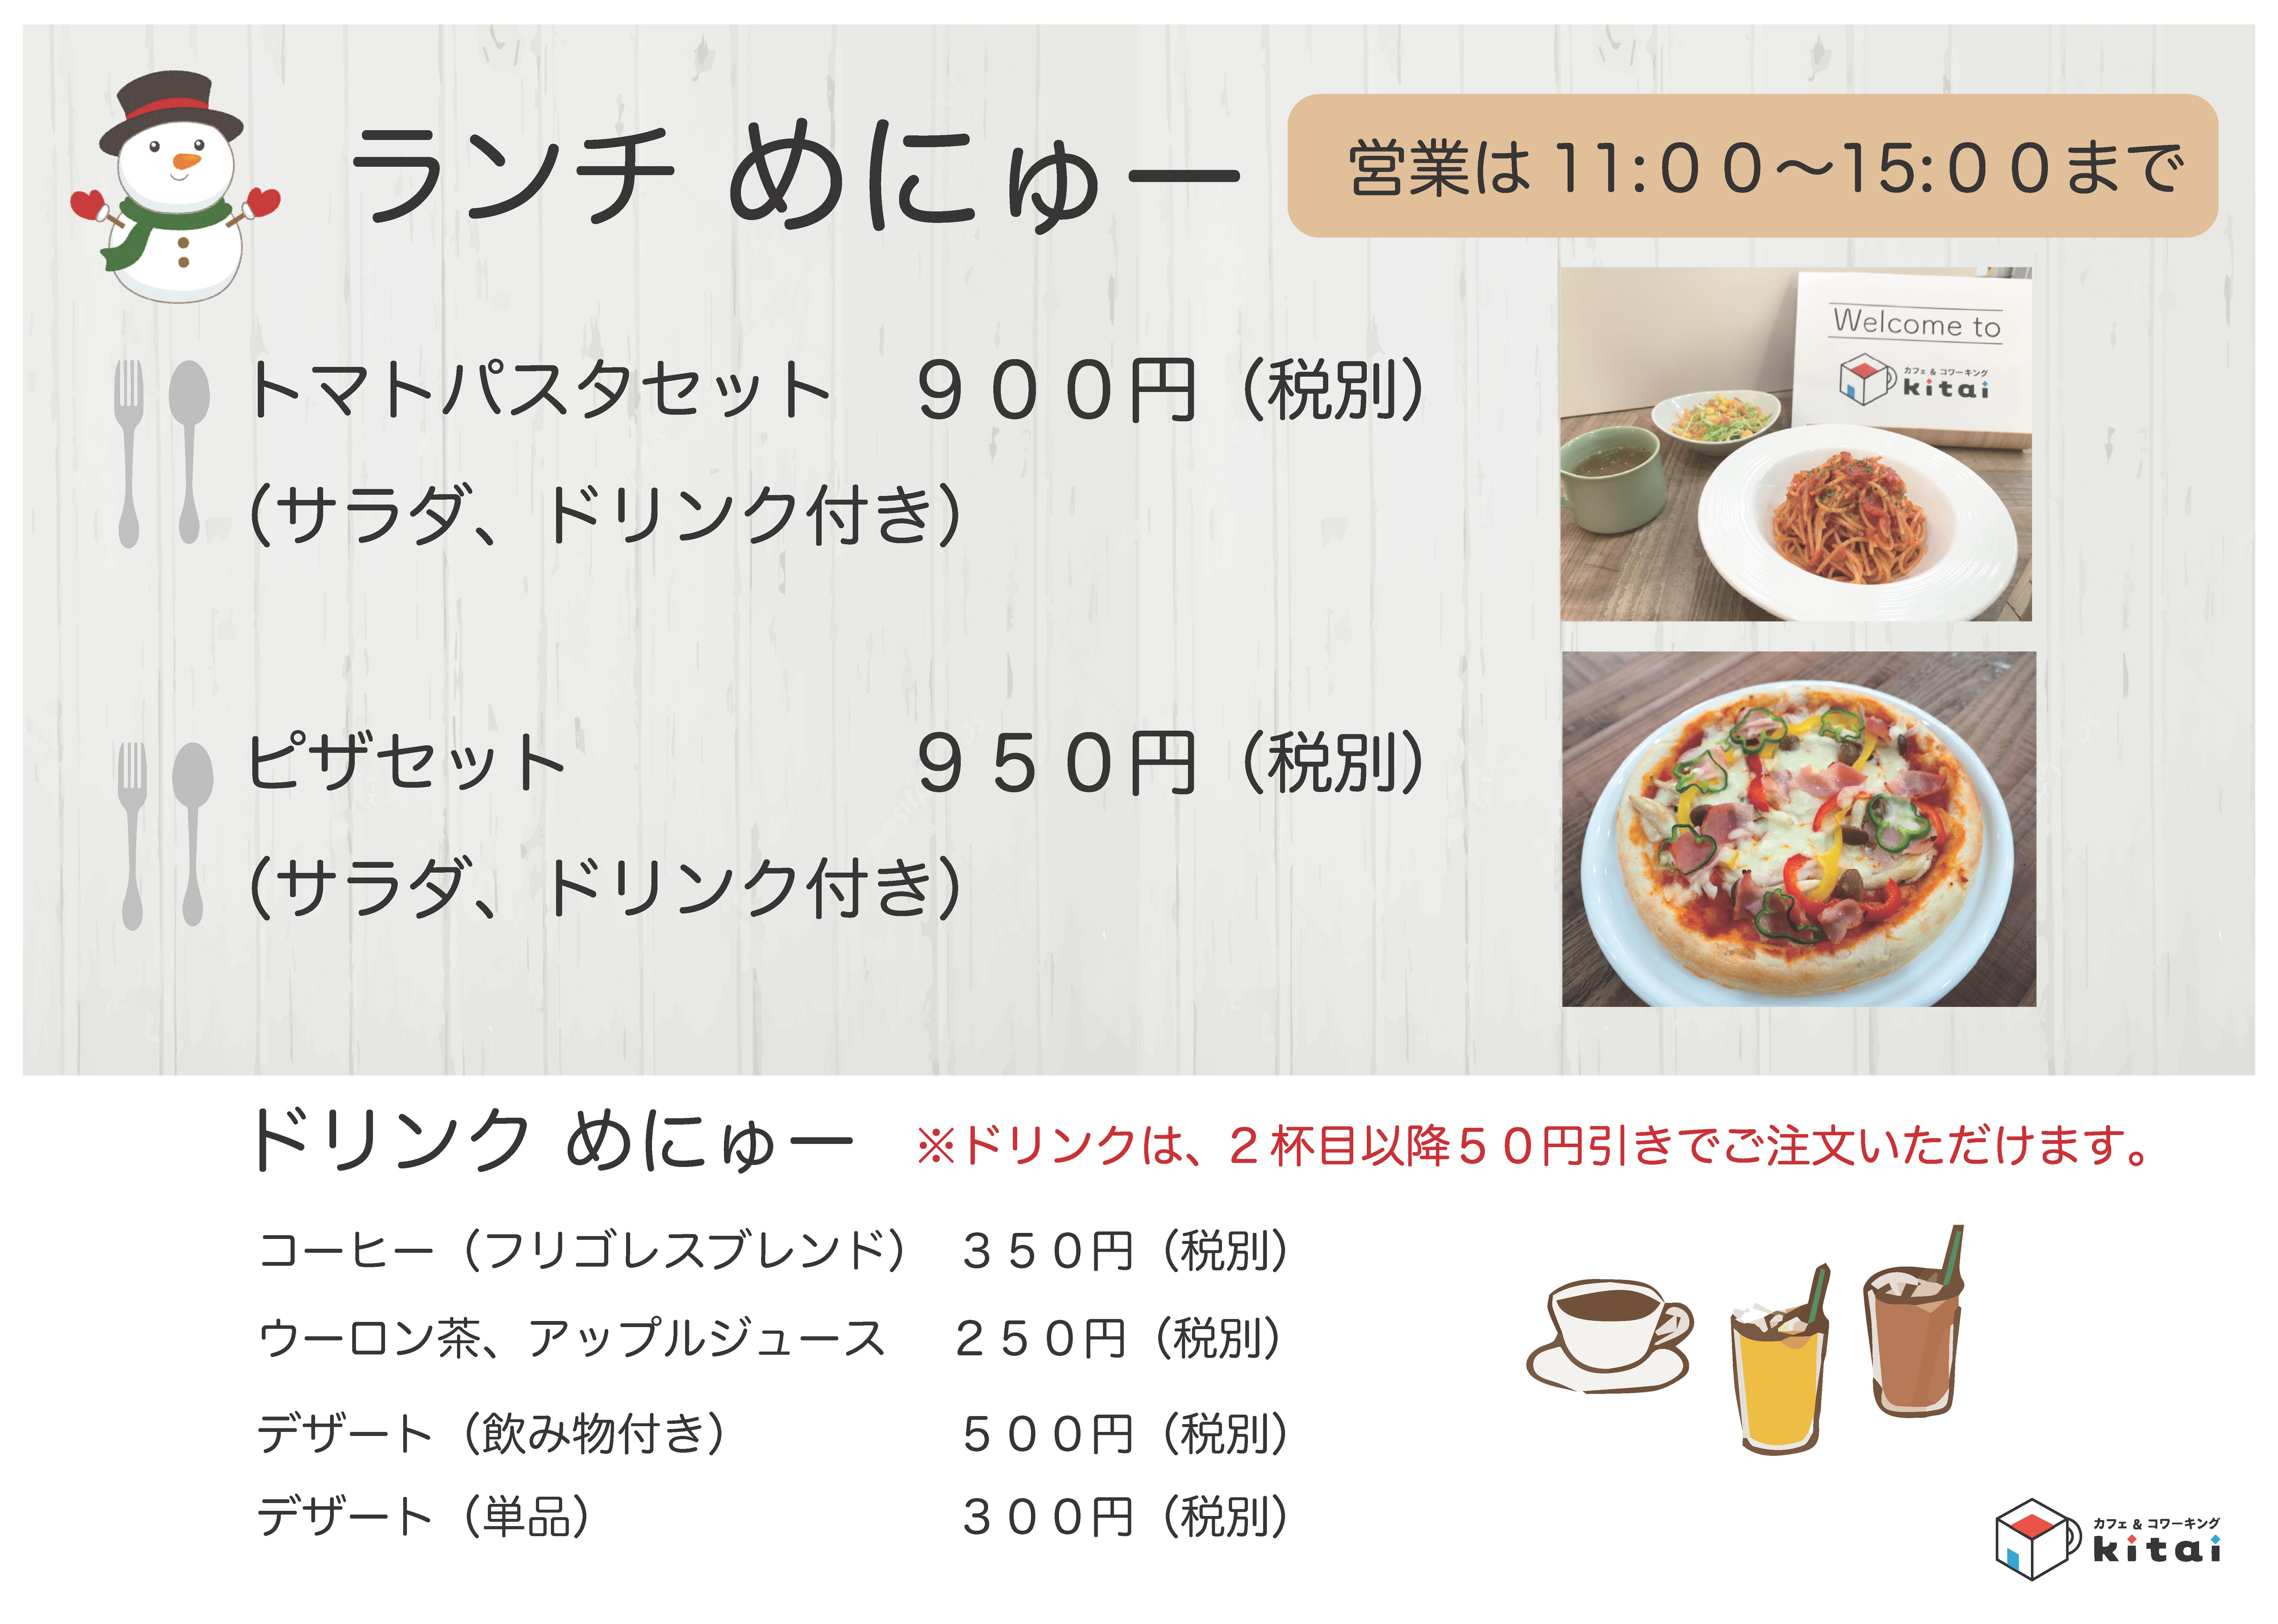 【ランチメニュー】トマトパスタセット 900円(サラダ、ドリンク付き)/ピザセット 950円(サラダ、ドリンク付き)